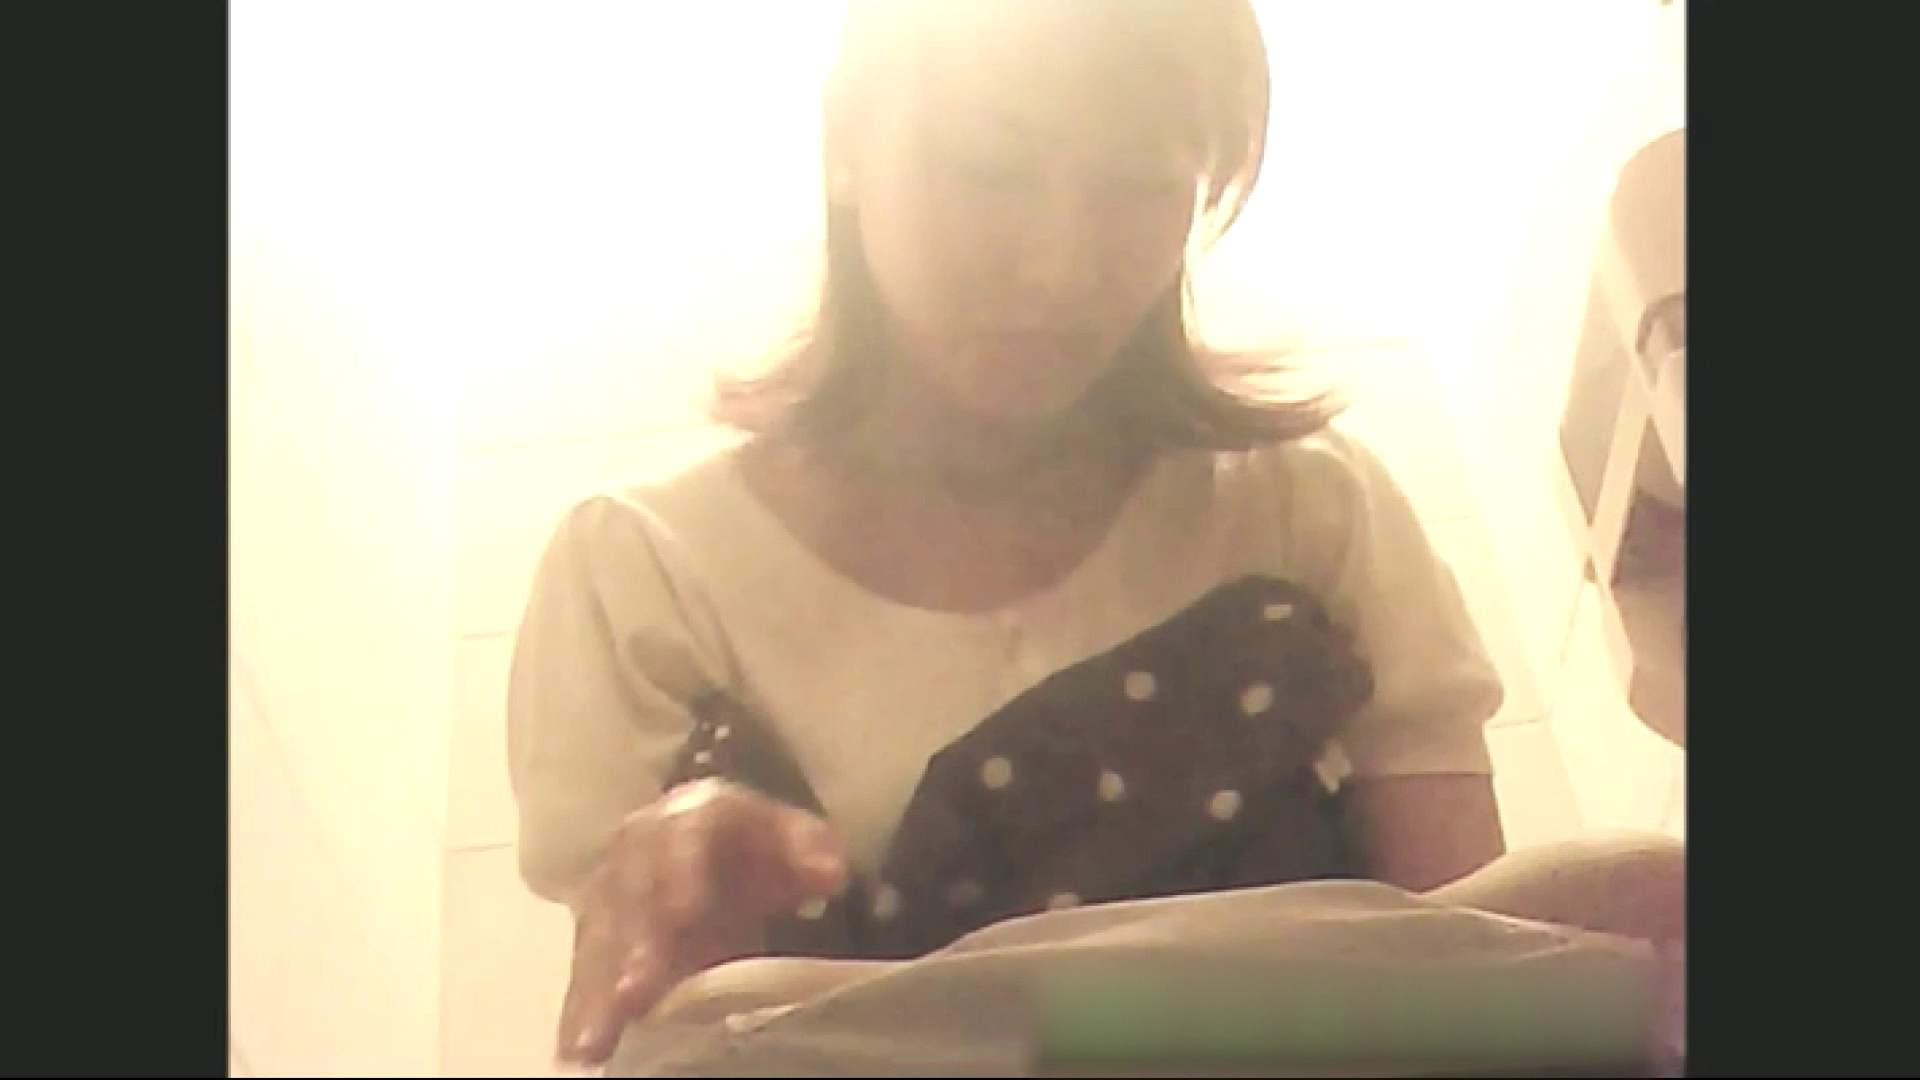 ティーンガールのトイレ覗き‼vol.01 女子大生のエロ動画 エロ画像 105PIX 100